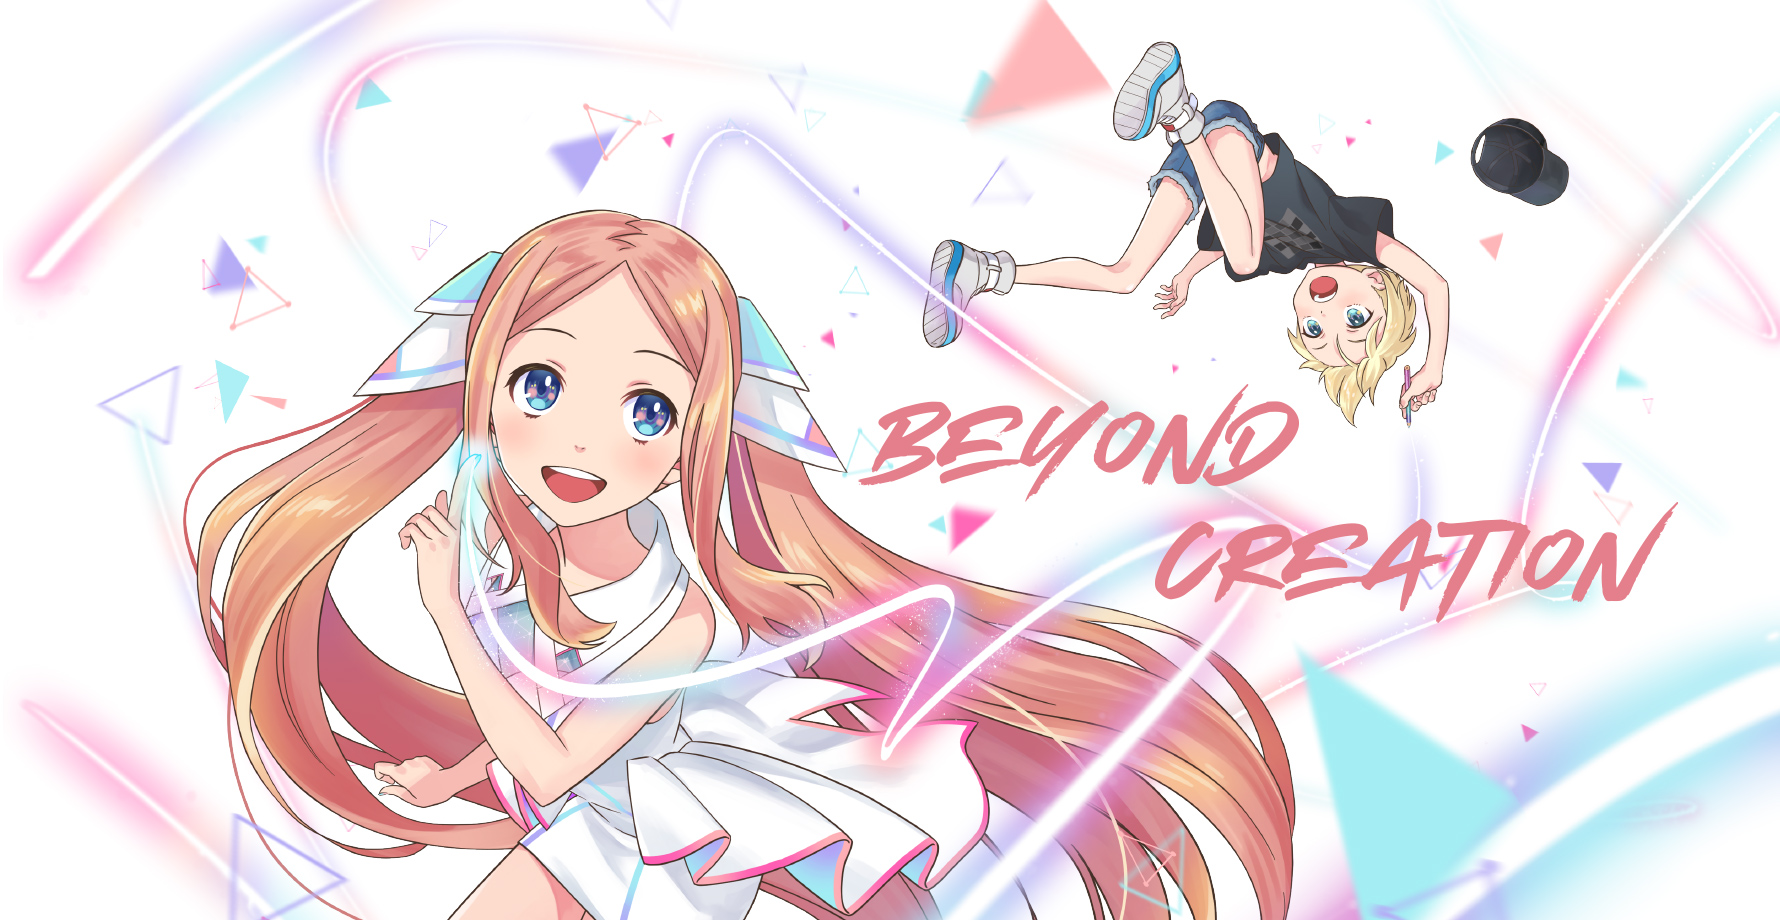 Live2D オリジナルショートアニメーション 『Beyond Creation』